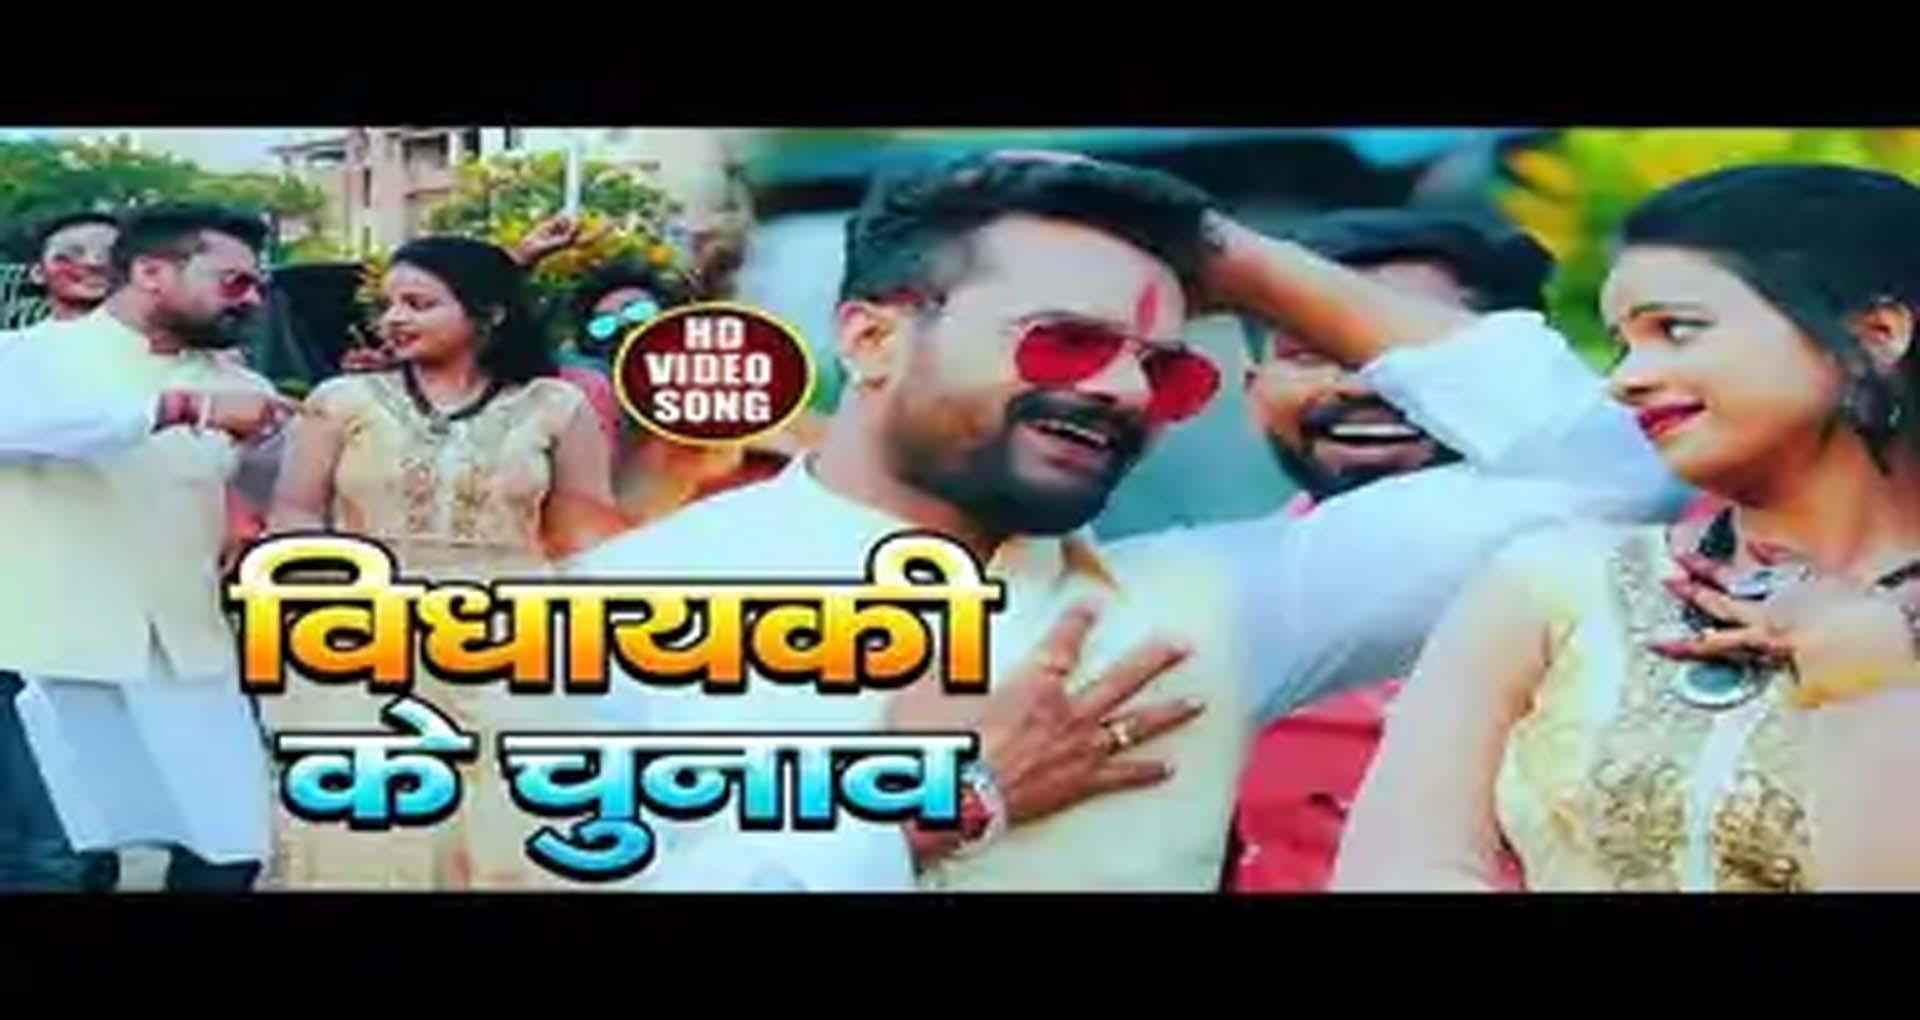 Khesari Lal Yadav Song: खेसारी लाल का नया गाना 'लड़ब हम विधायकी के चुनाव' हुआ हिट, देखें Video